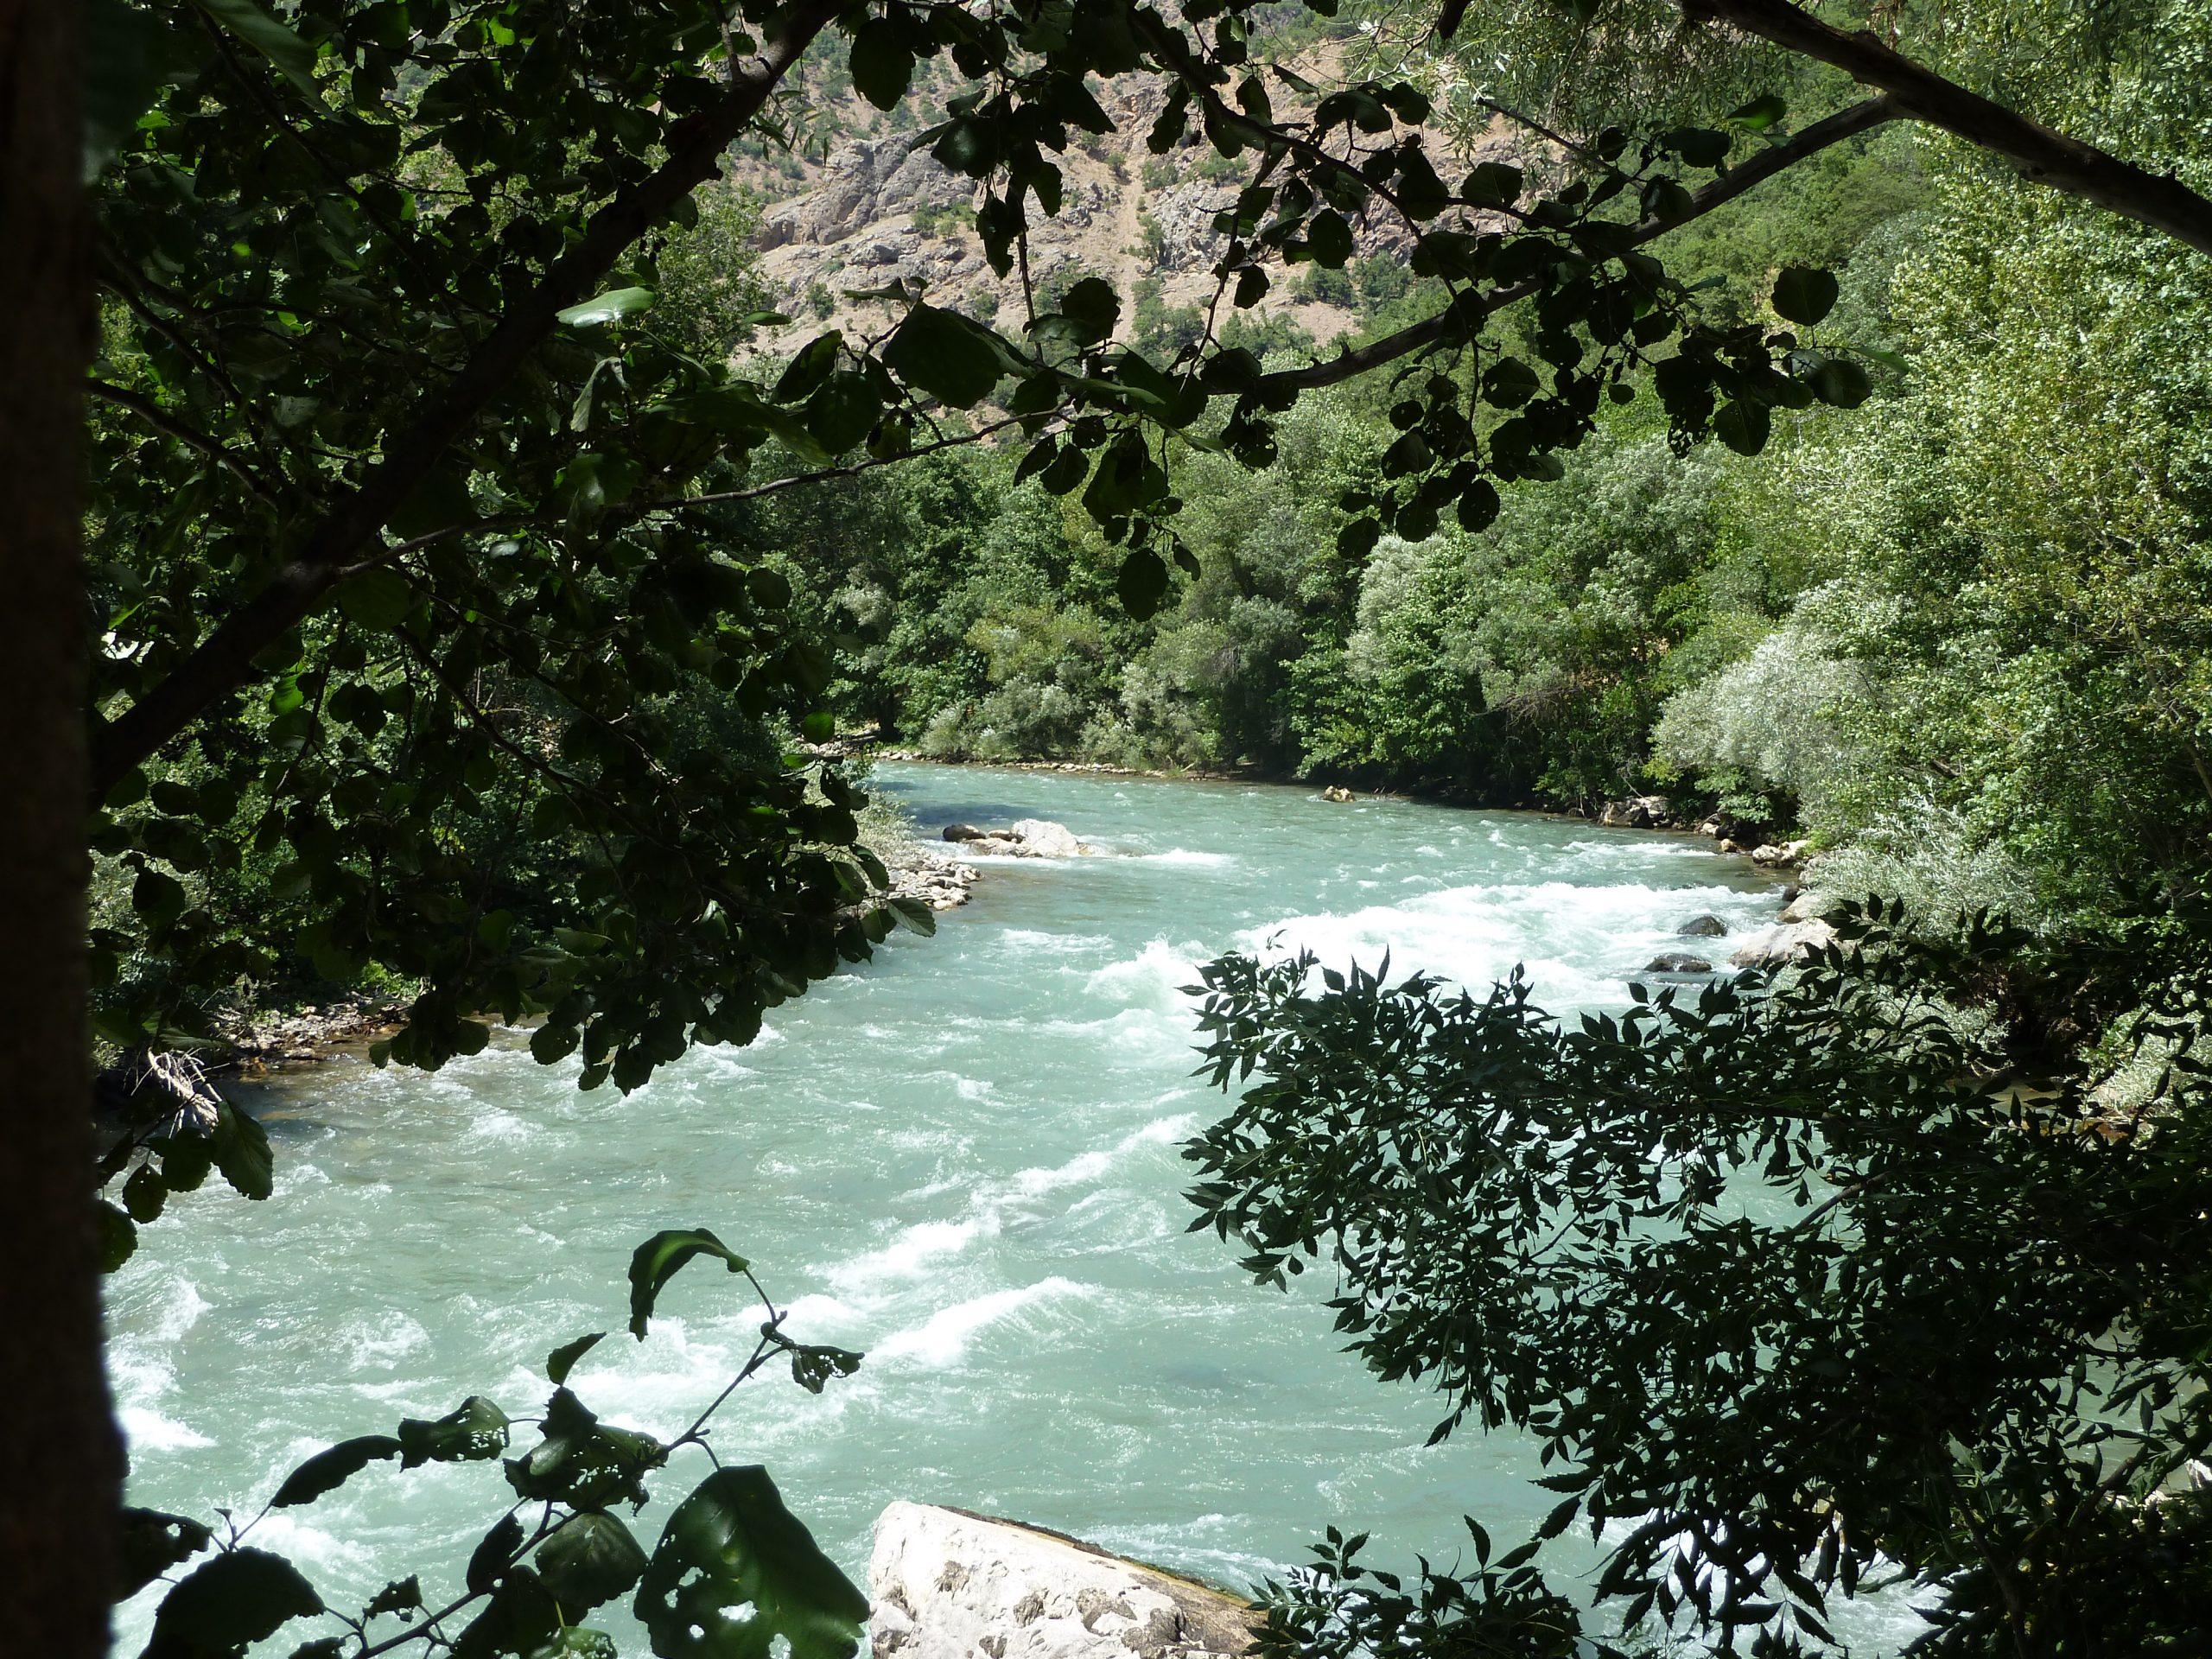 geschlängelt Flusslauf mit weißen Wellenkämmen durch Bäume